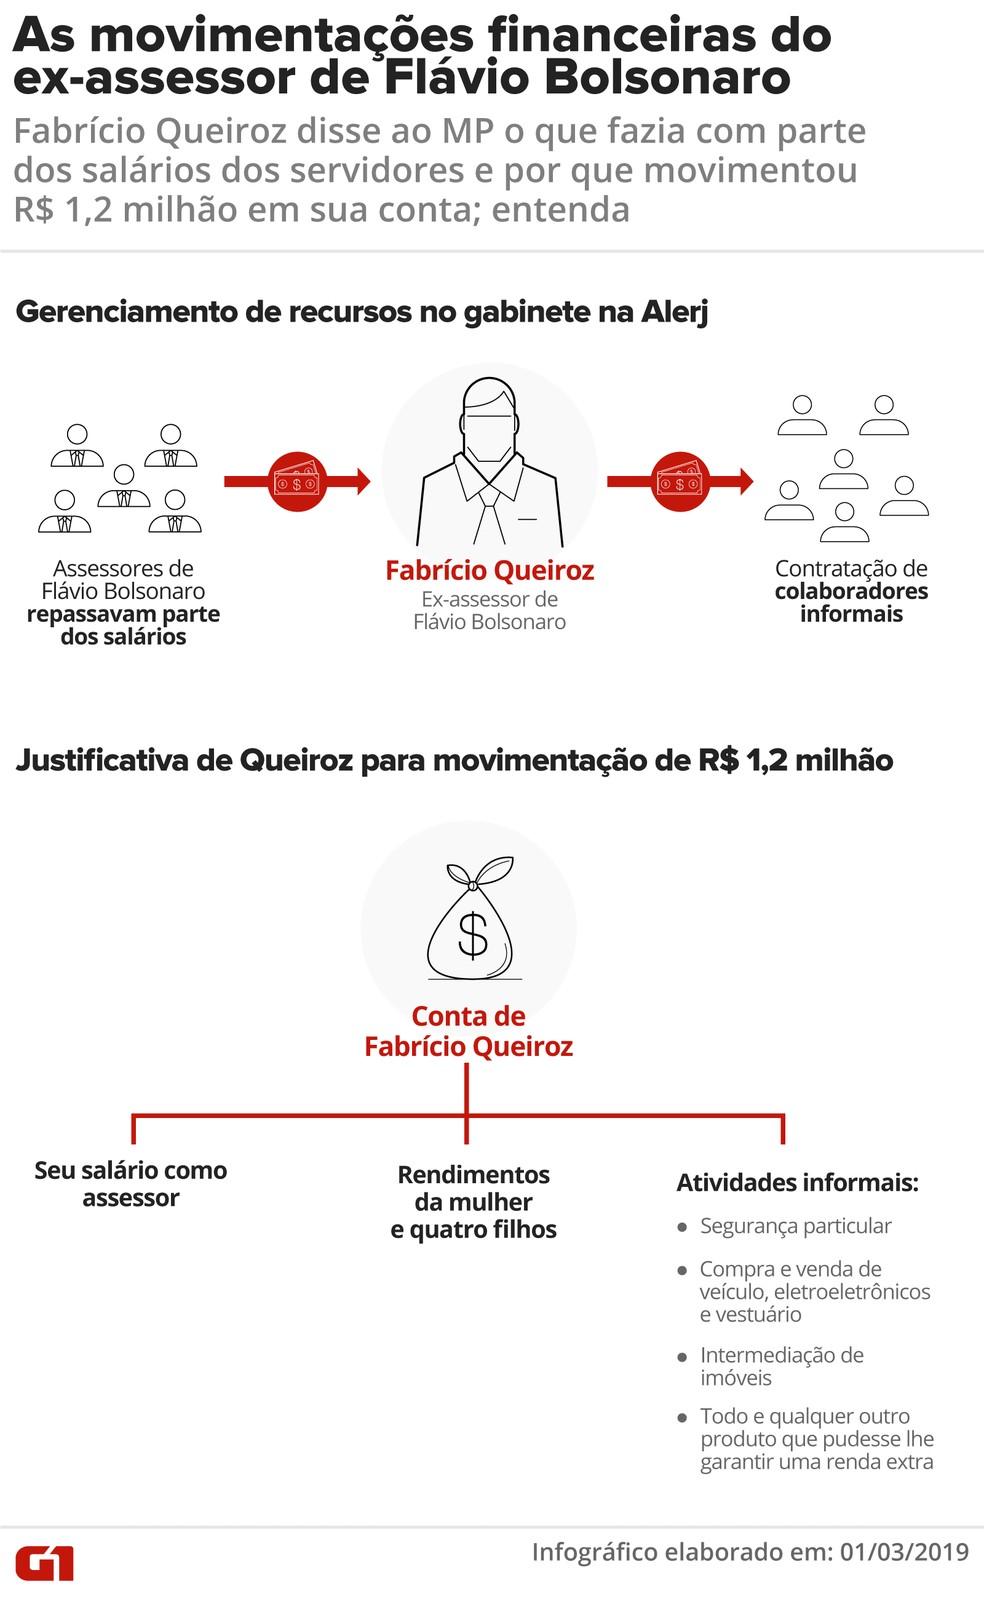 Entenda o que diz Fabrício Queiroz sobre as movimentações financeiras quando assessorava Flávio Bolsonaro na Alerj — Foto: Infografia: Juliane Monteiro/G1